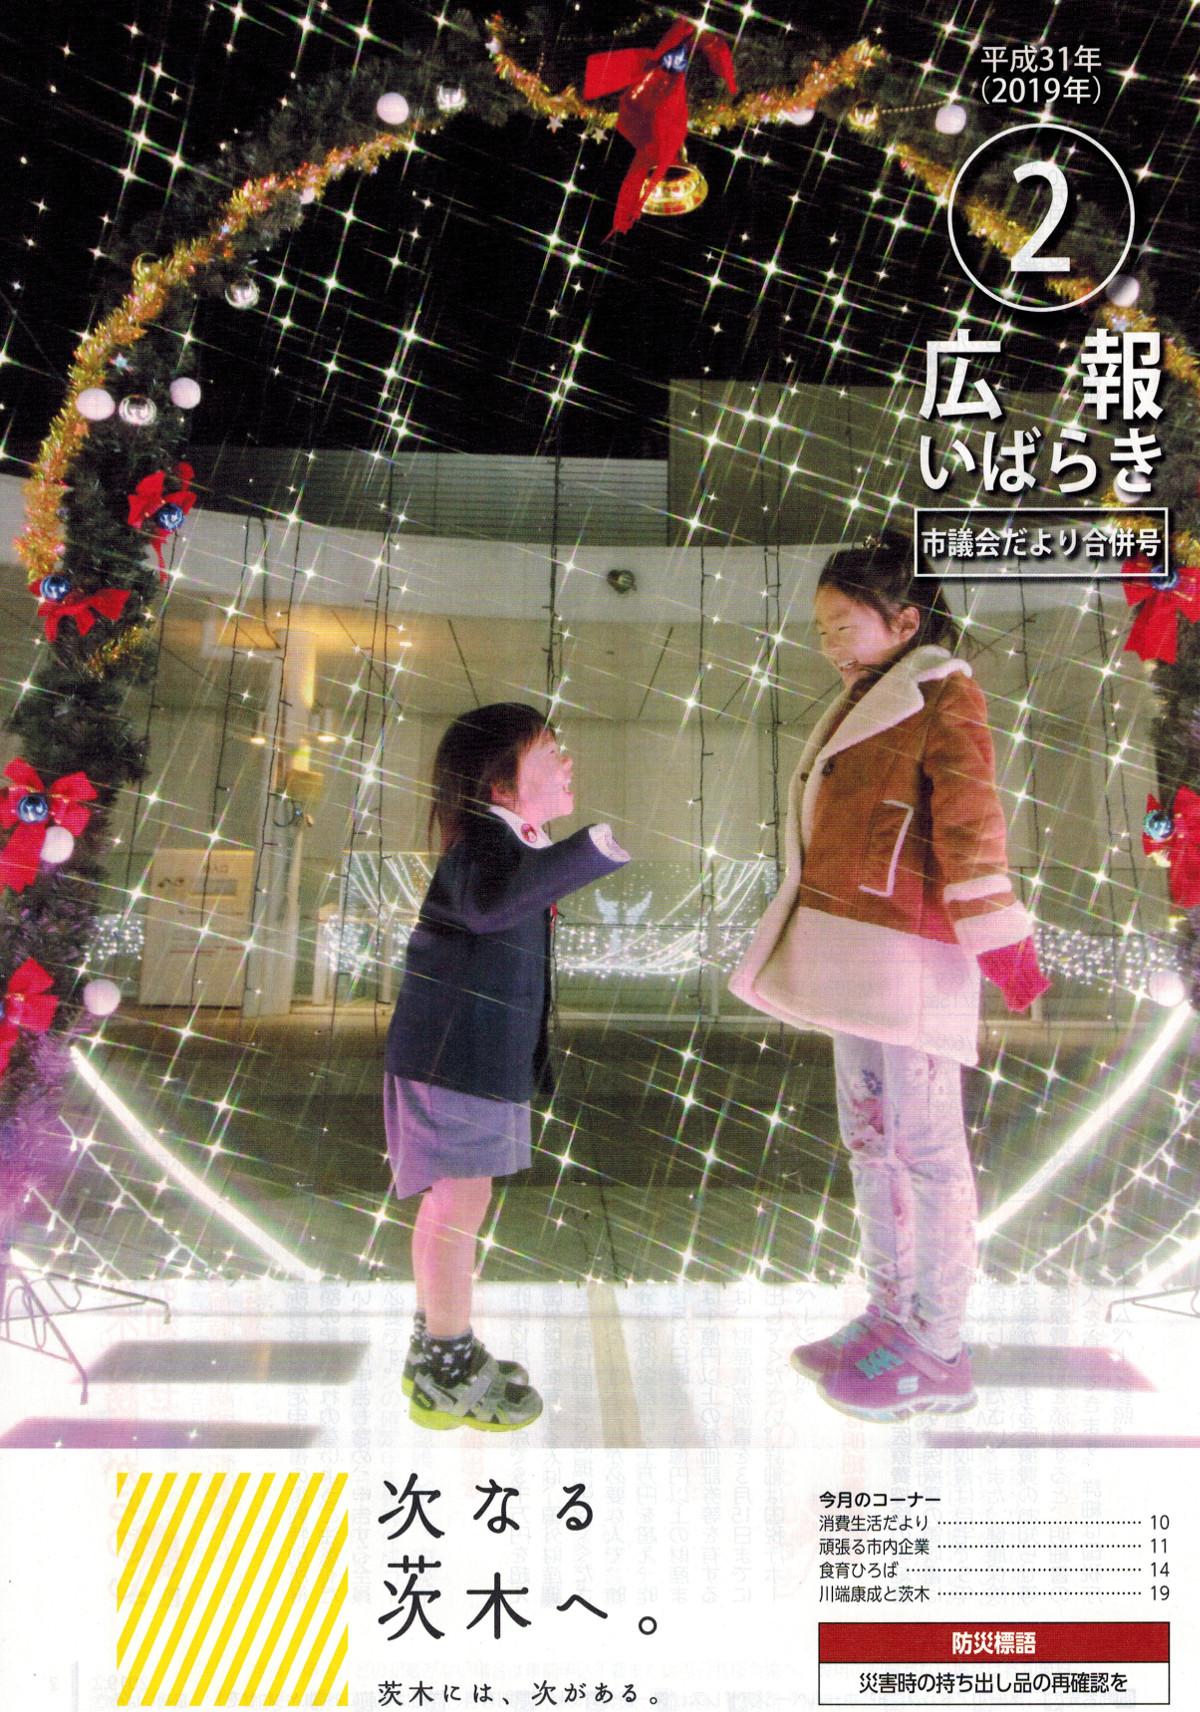 「広報いばらき平成31年2月号」いばきたマルシェ表紙